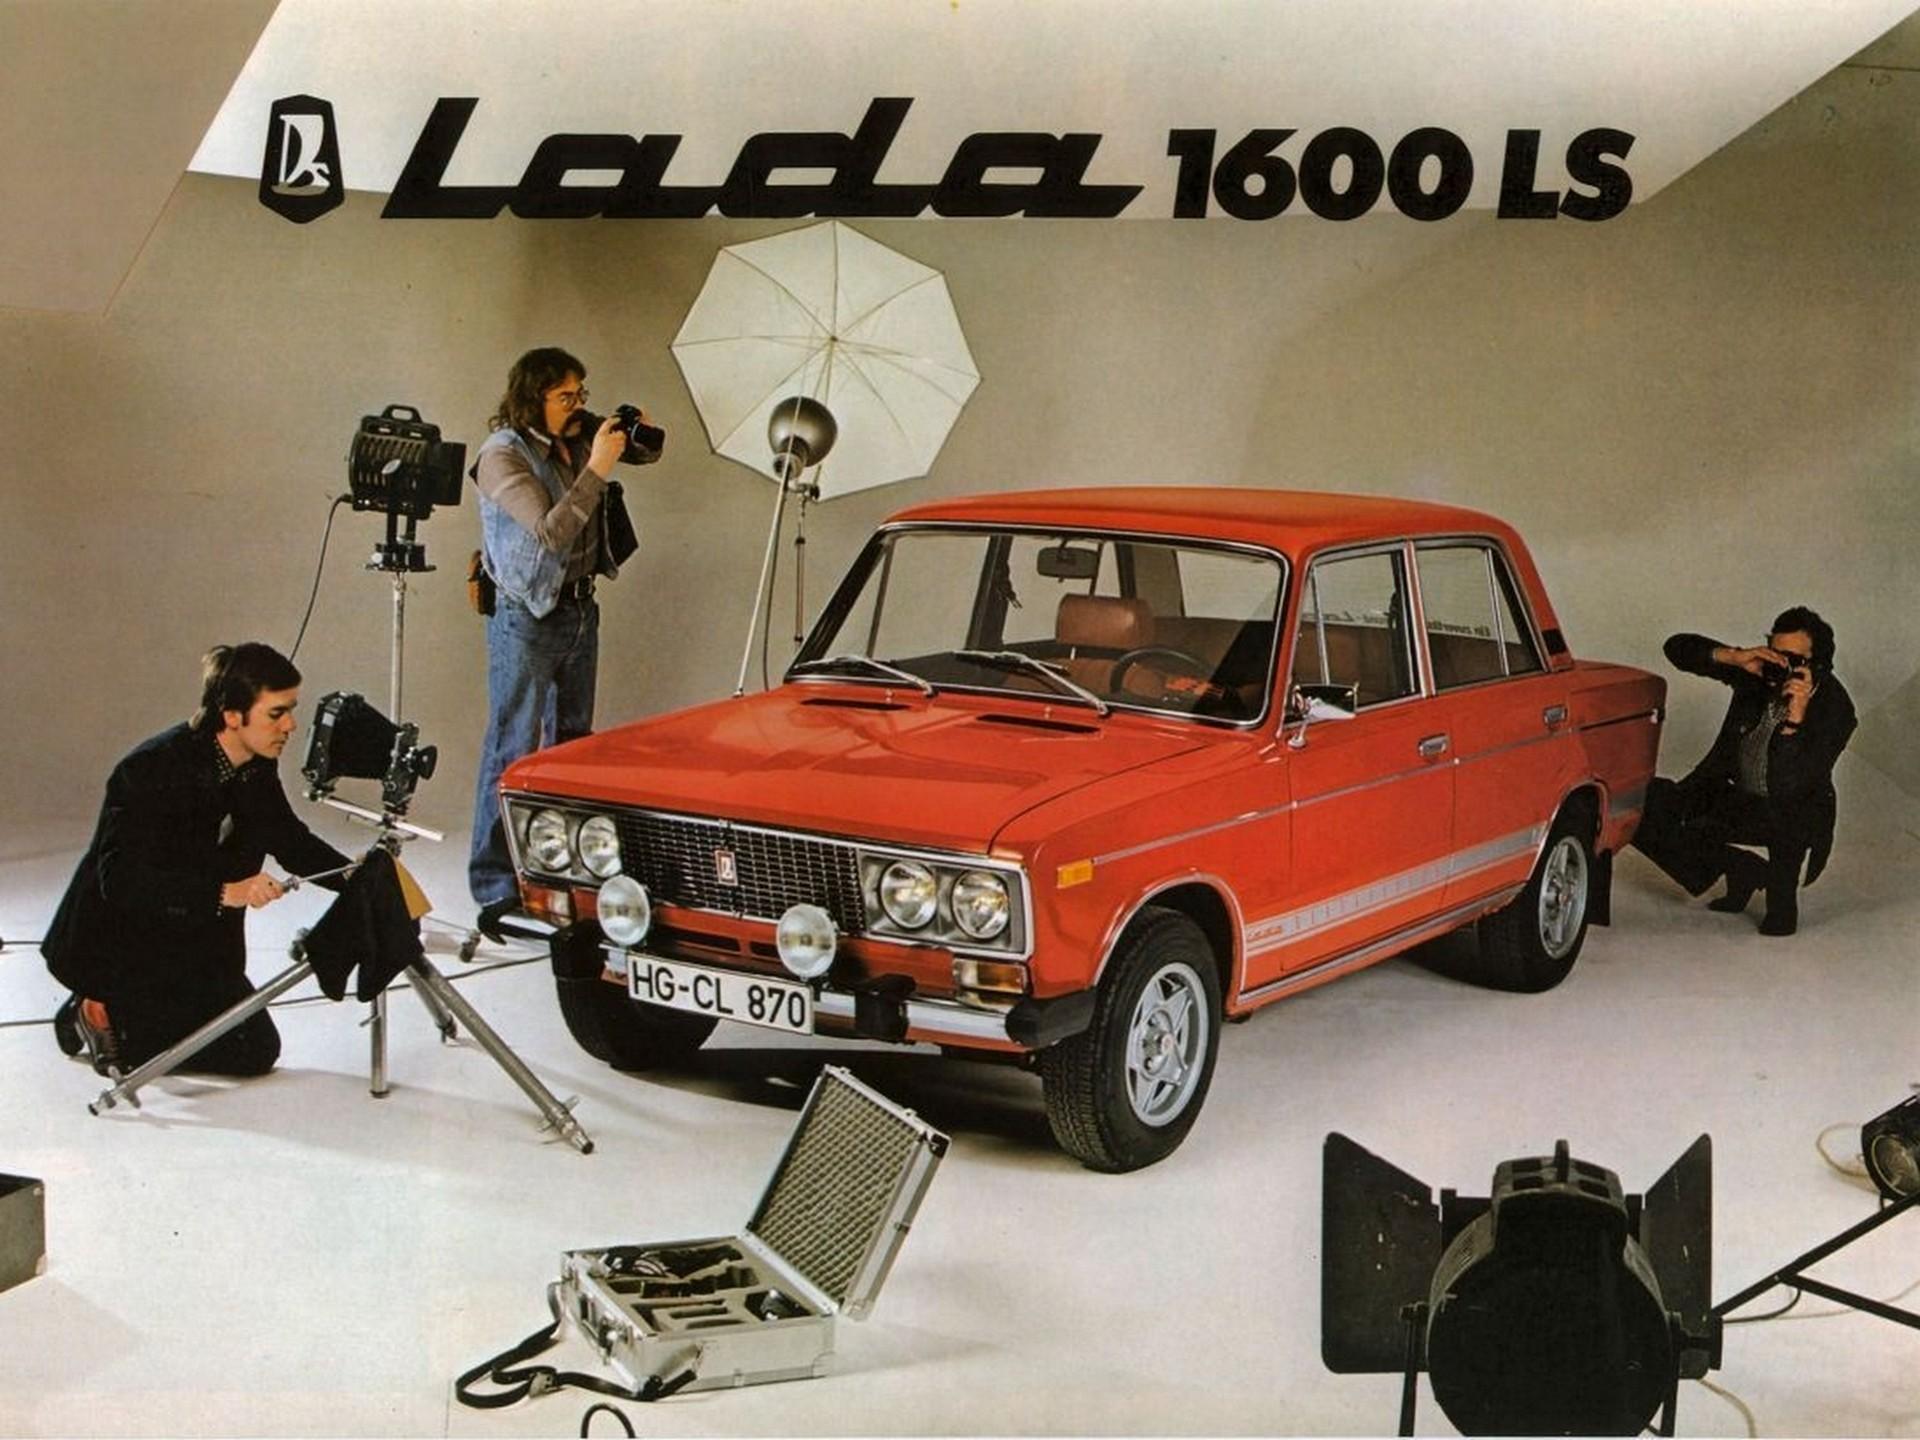 lada1600 - Чем отличается шестерка от семерки